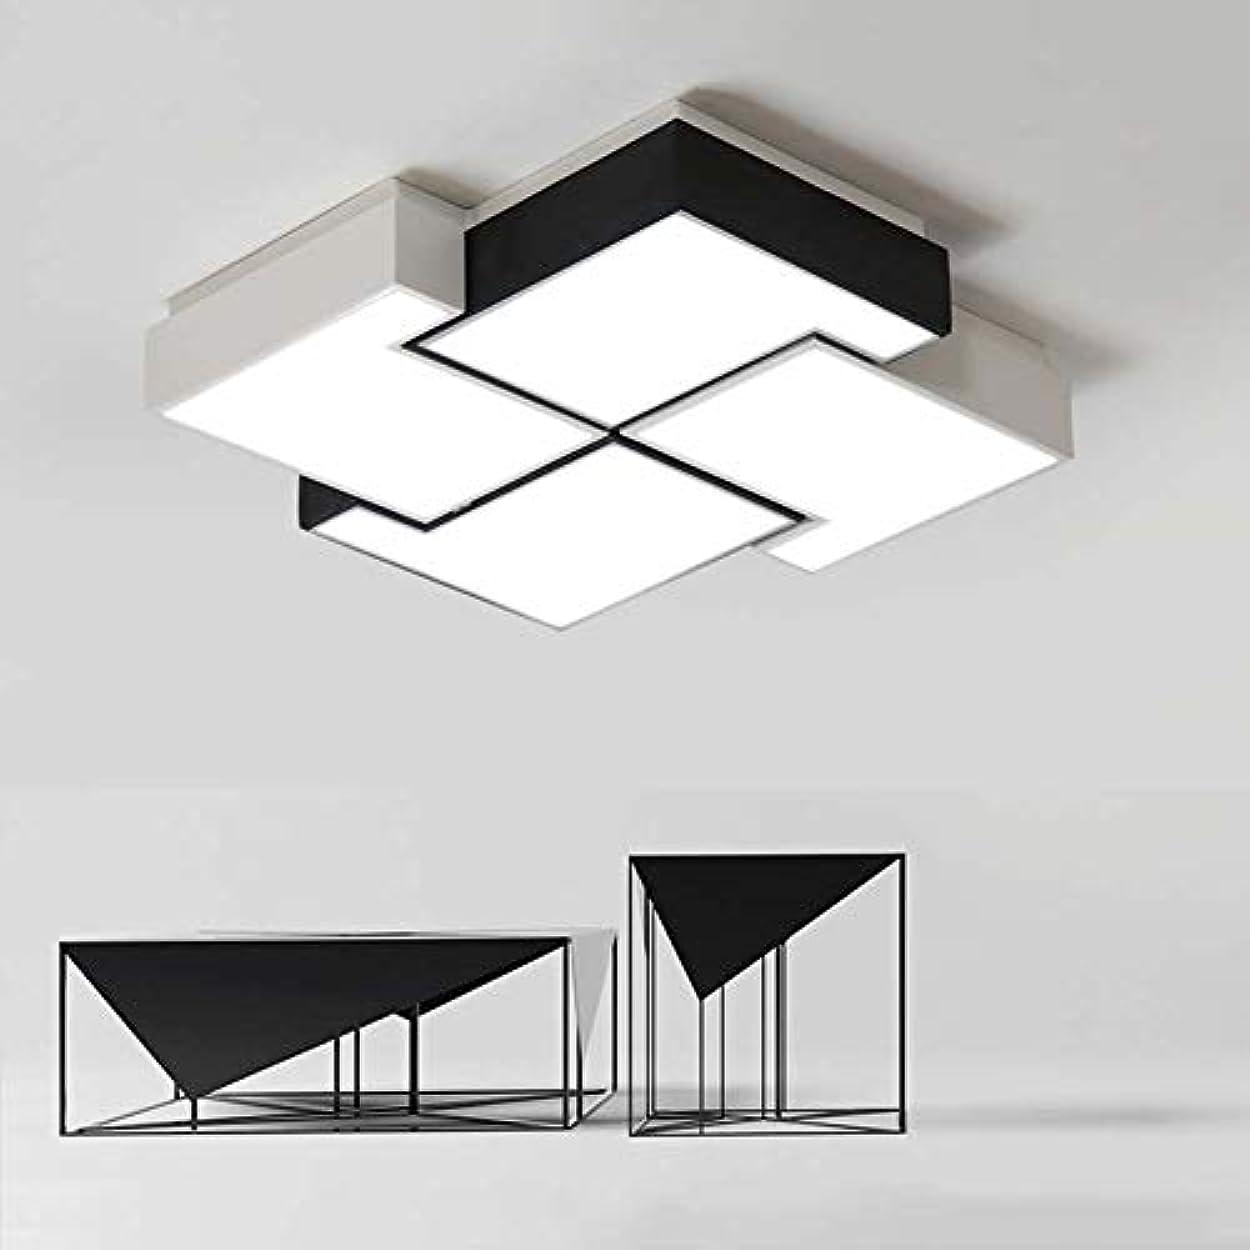 独立物理的にモンスターLEDシーリングライト、モダンなスクエアフラッシュマウントシーリング照明器具、調光可能な金属+アルミニウム寝室のリビングルーム照明用シーリングランプに近い、白+黒[エネルギークラスA ++] (Color : Stepless dimming, Size : 60x60cm)